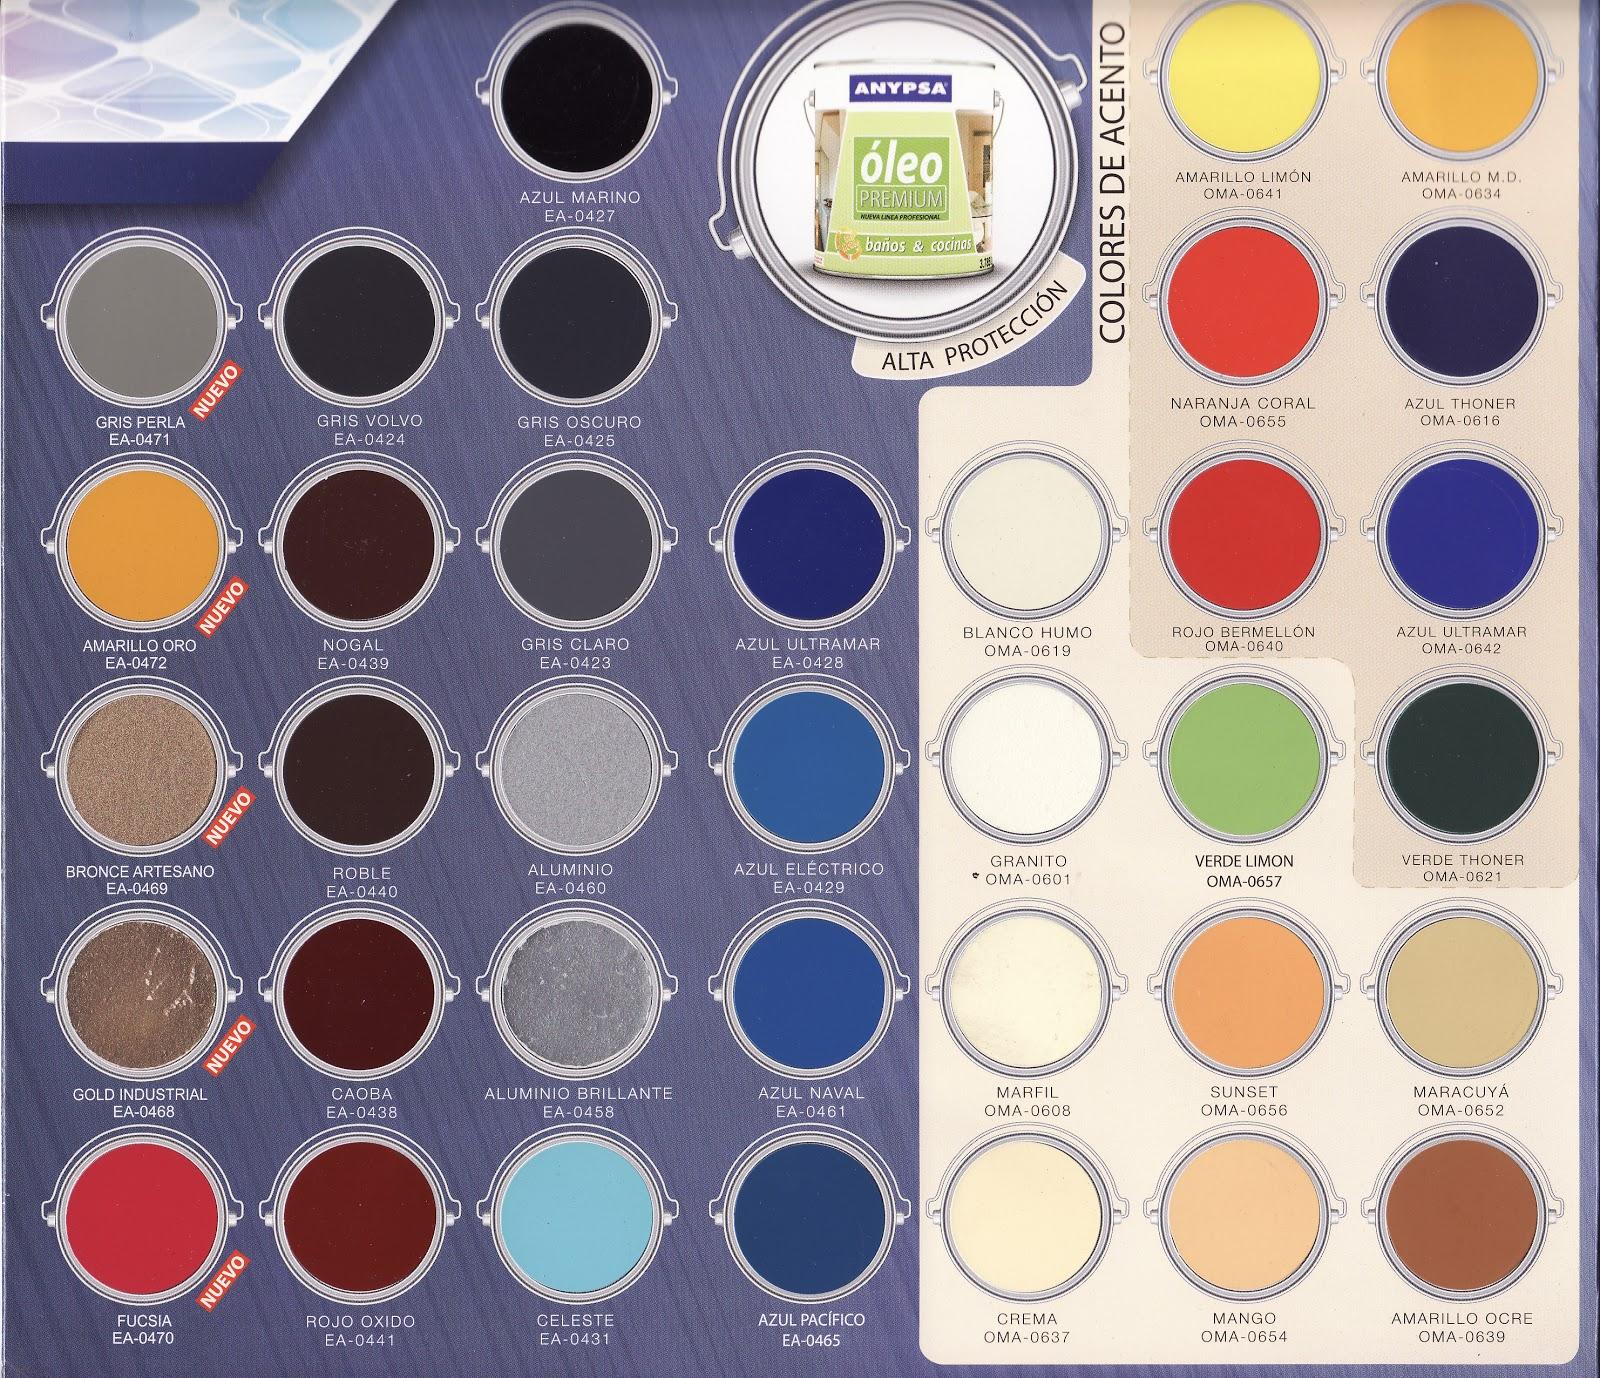 Pintura catalogo hd 1080p 4k foto - Catalogo pinturas bruguer ...